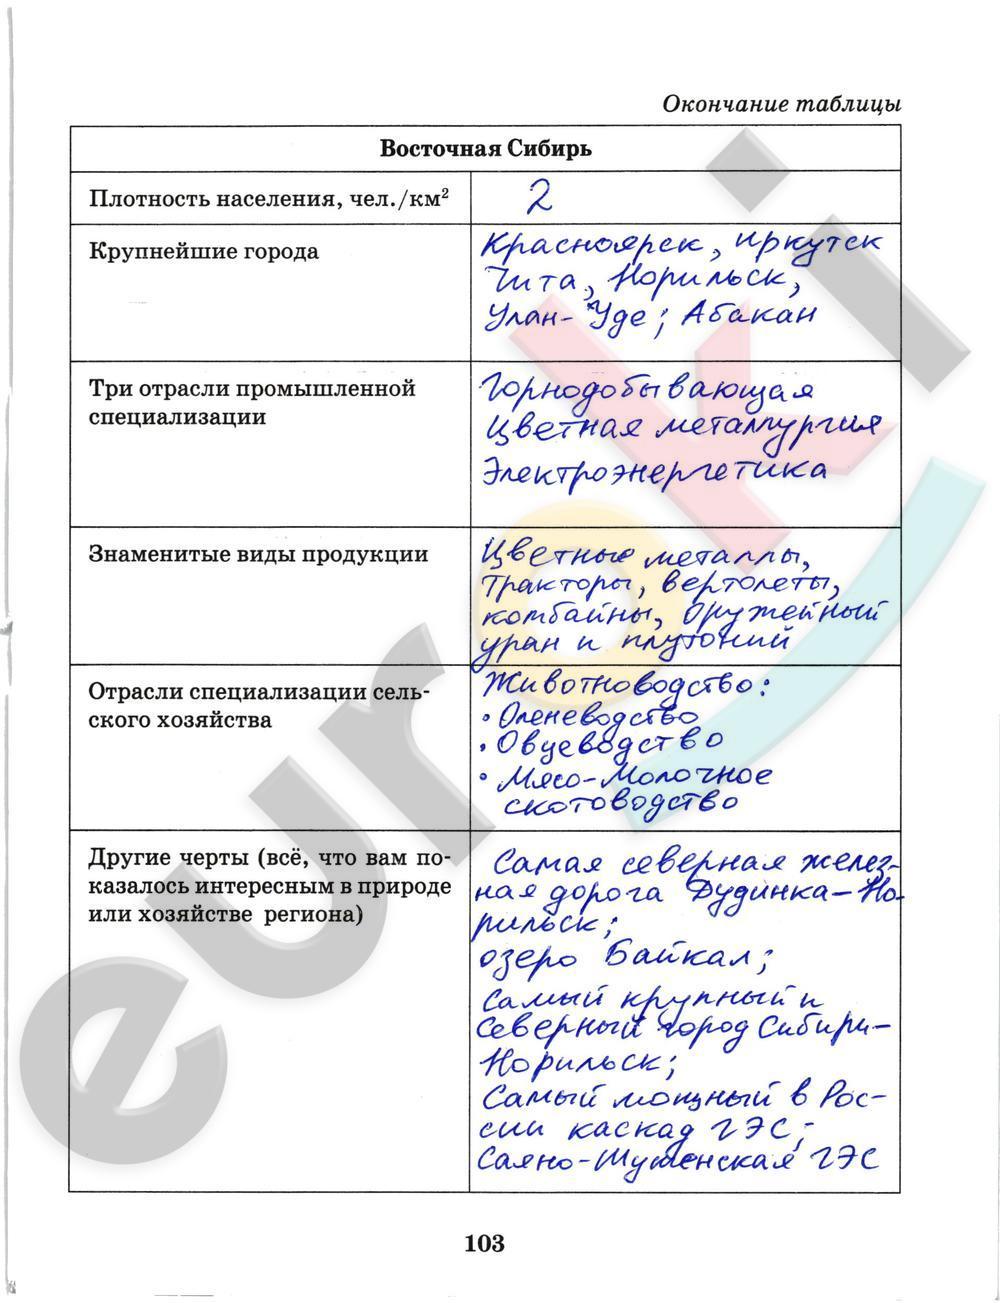 ГДЗ по географии 9 класс рабочая тетрадь Домогацких Часть 1, 2. Задание: стр. 103